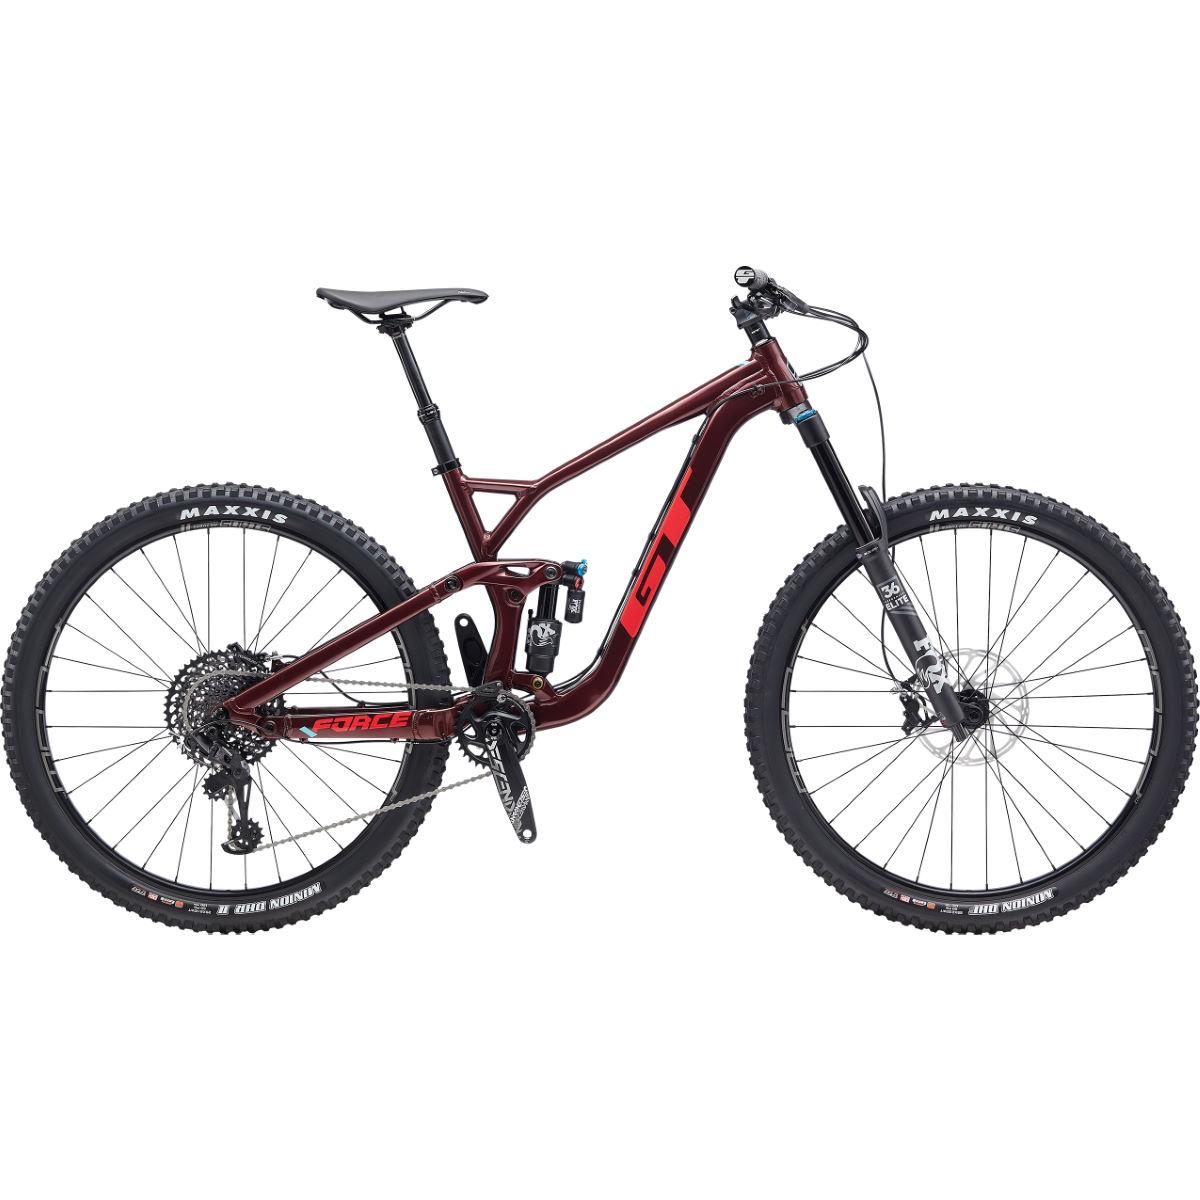 GT Force AL Pro 29 Mountain Bike Deal